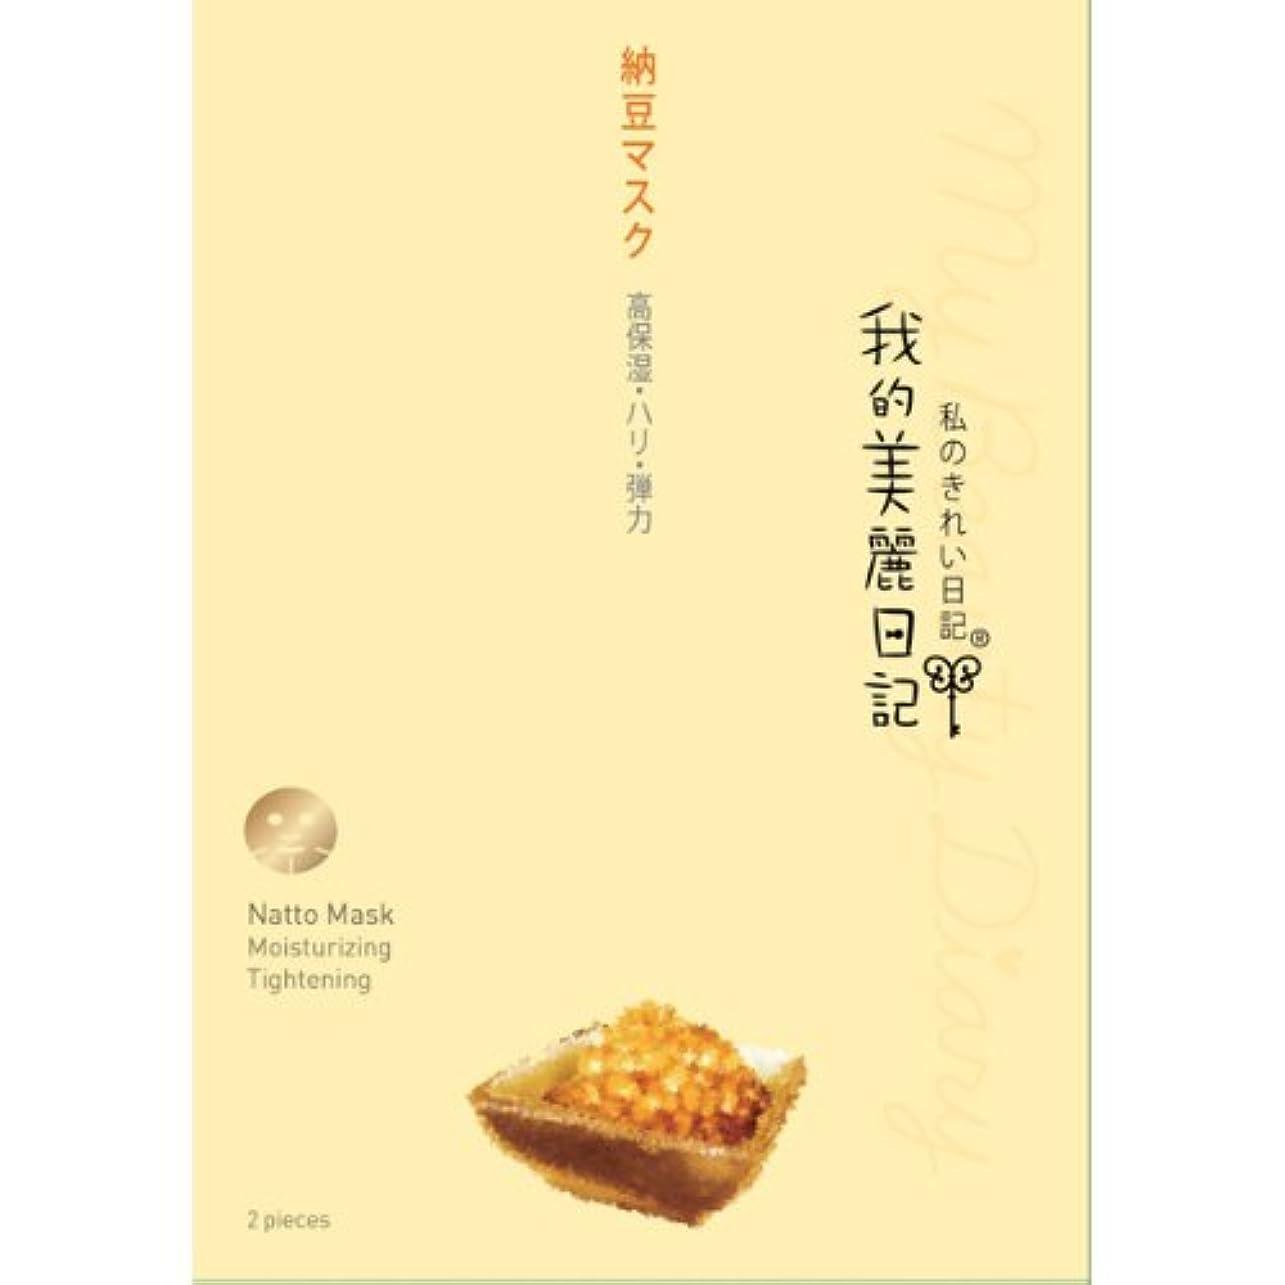 アライメントシャッター演じる我的美麗日記 私のきれい日記 納豆マスク 23ml×2枚